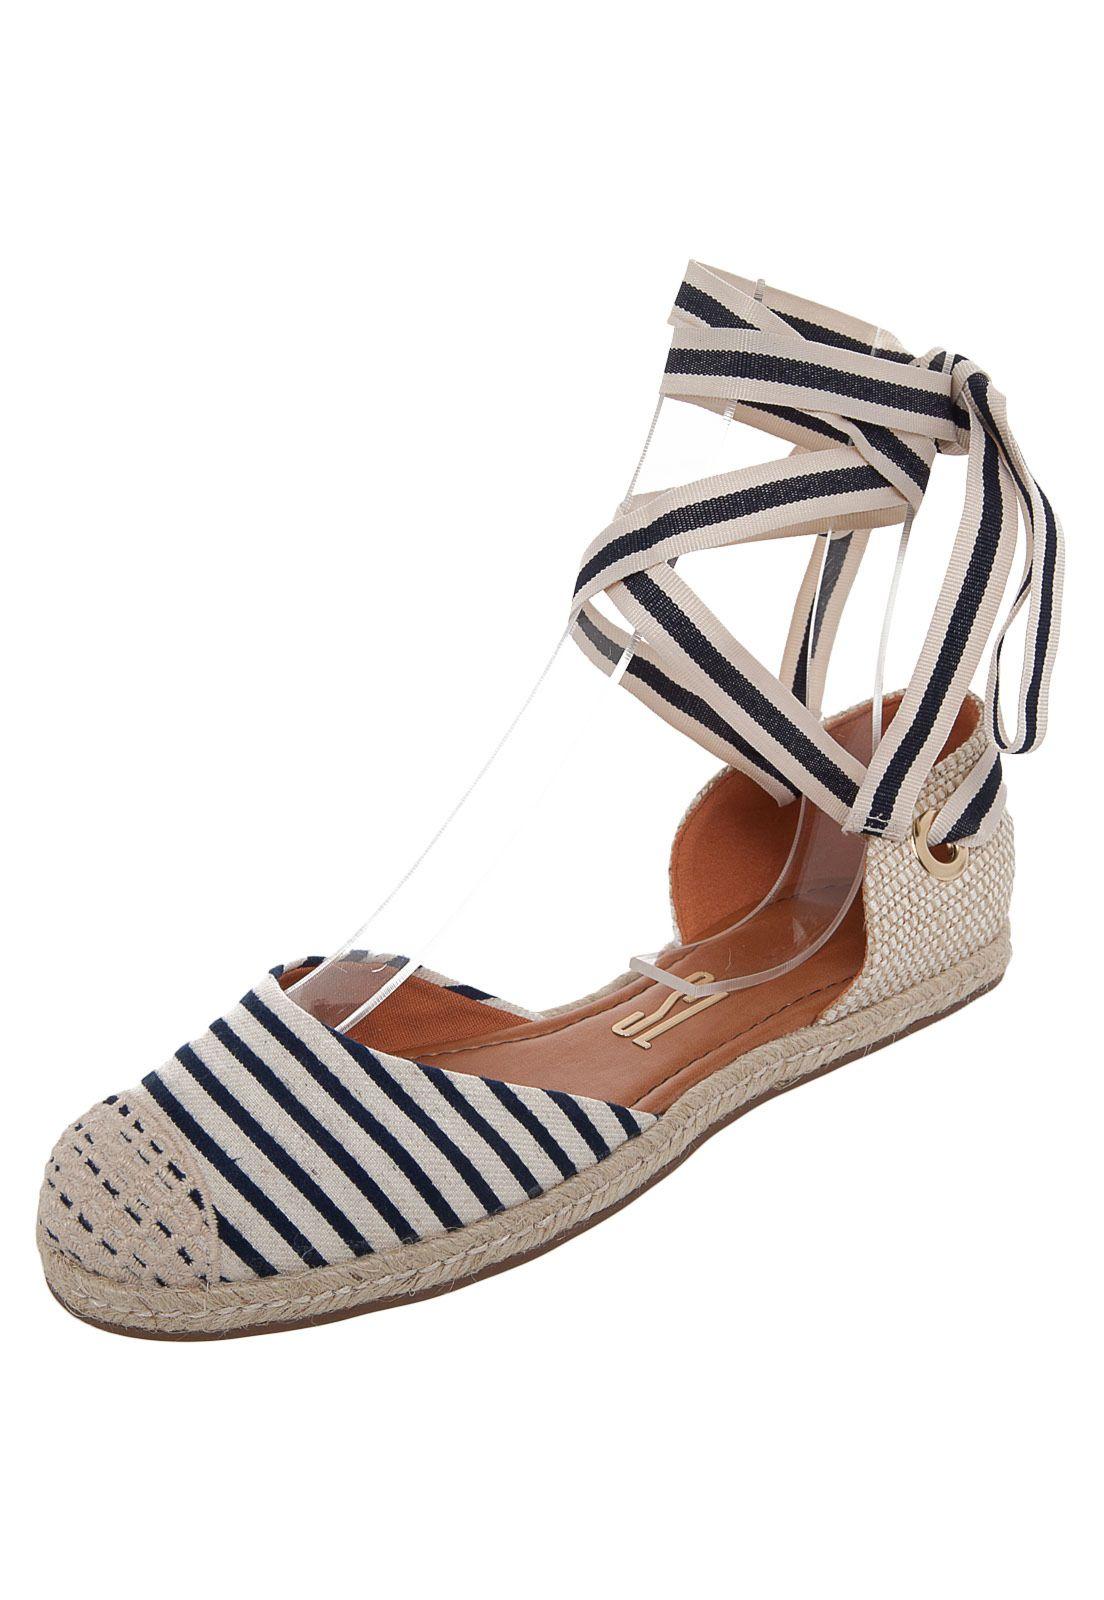 da2f68590 Alpargata Espadrille Santa Lolla Listrada | Fashion - Shoes ...